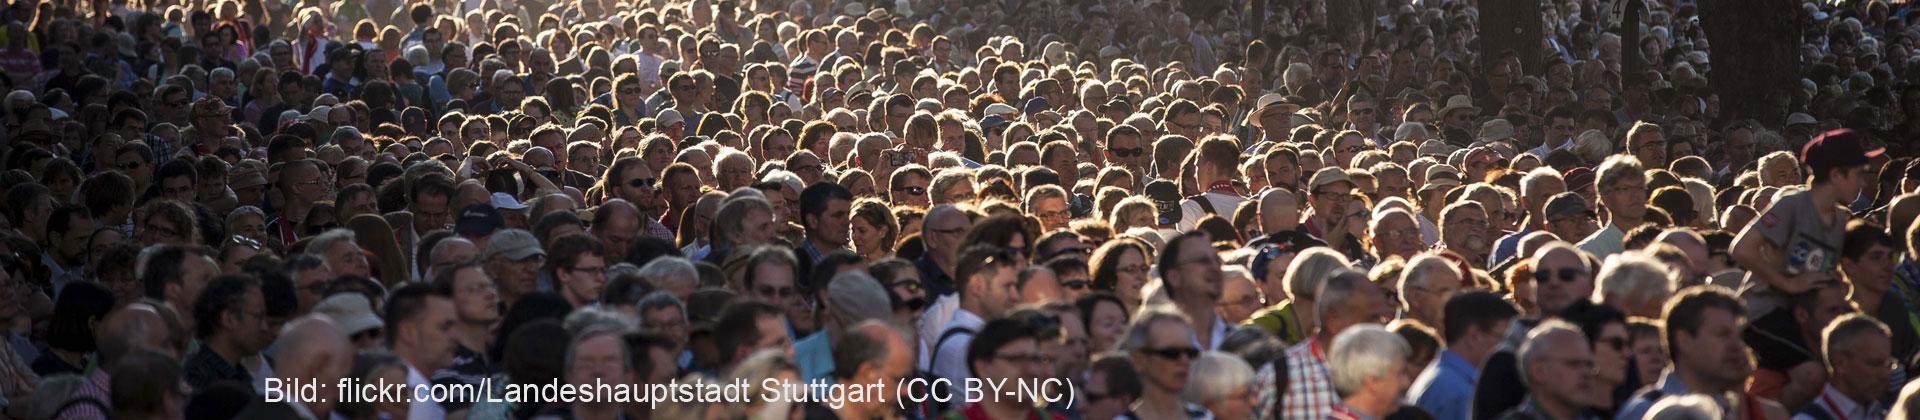 Menschenmenge auf dem 35. Deutschen Evangelischen Kirchentag in Stuttgar. (Bild: flickr.com/Landeshauptstadt Stuttgart, CC BY-NC)